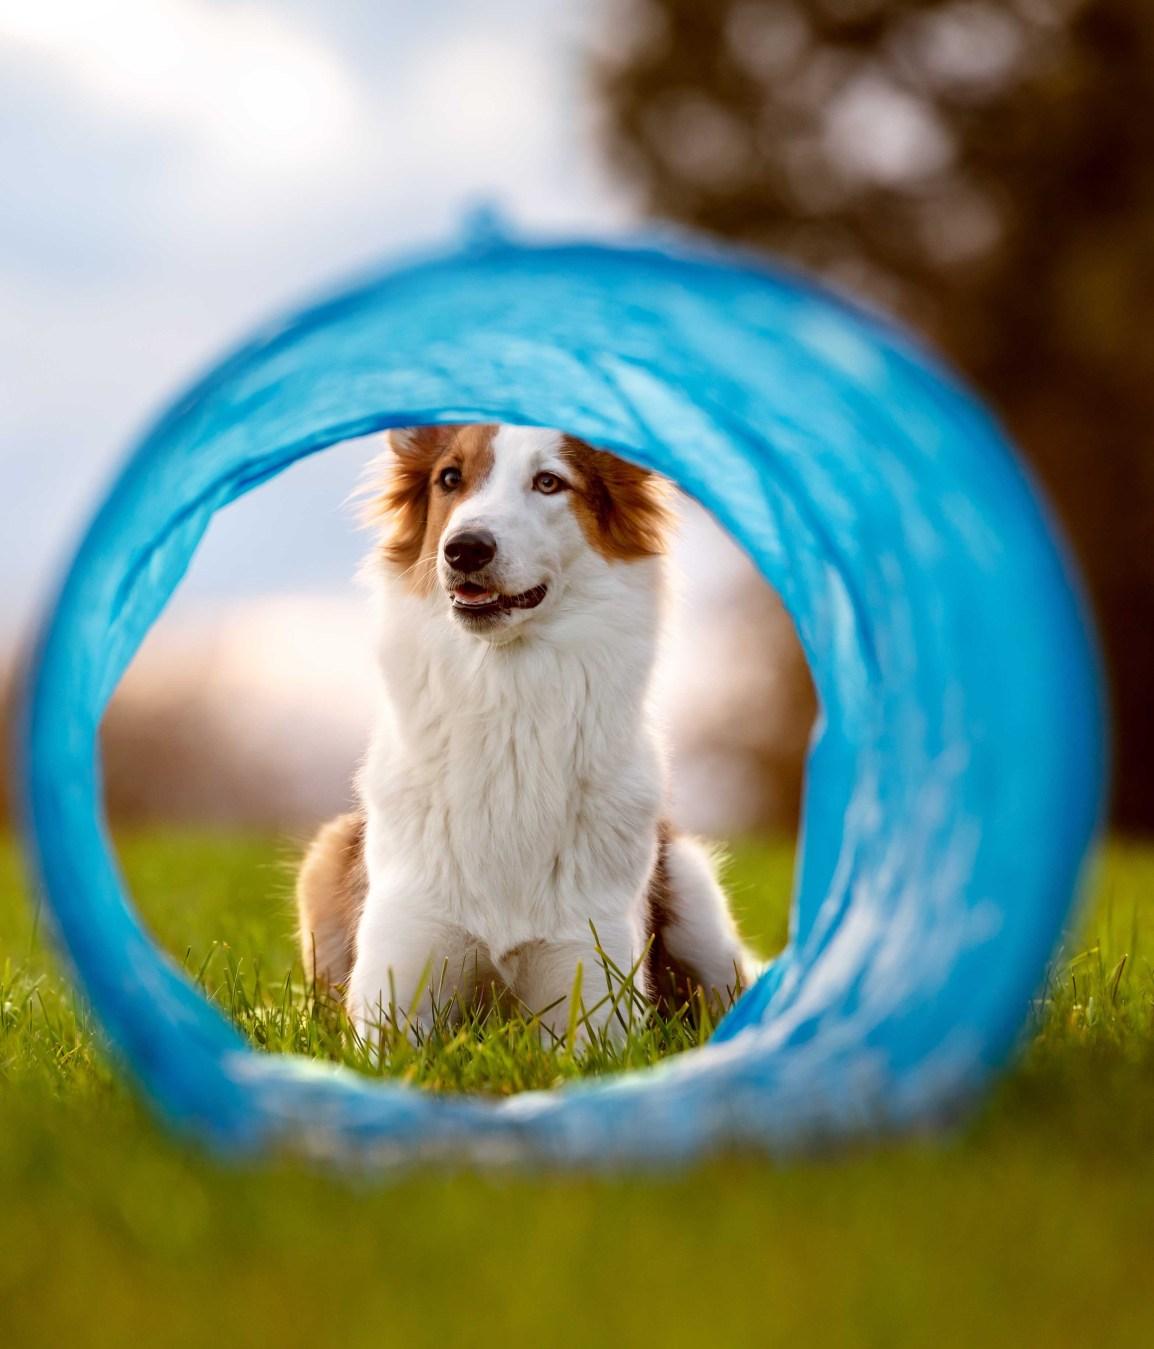 Süßer Hund liegt vor einem Tunnel oder Röhre, Agility und Par